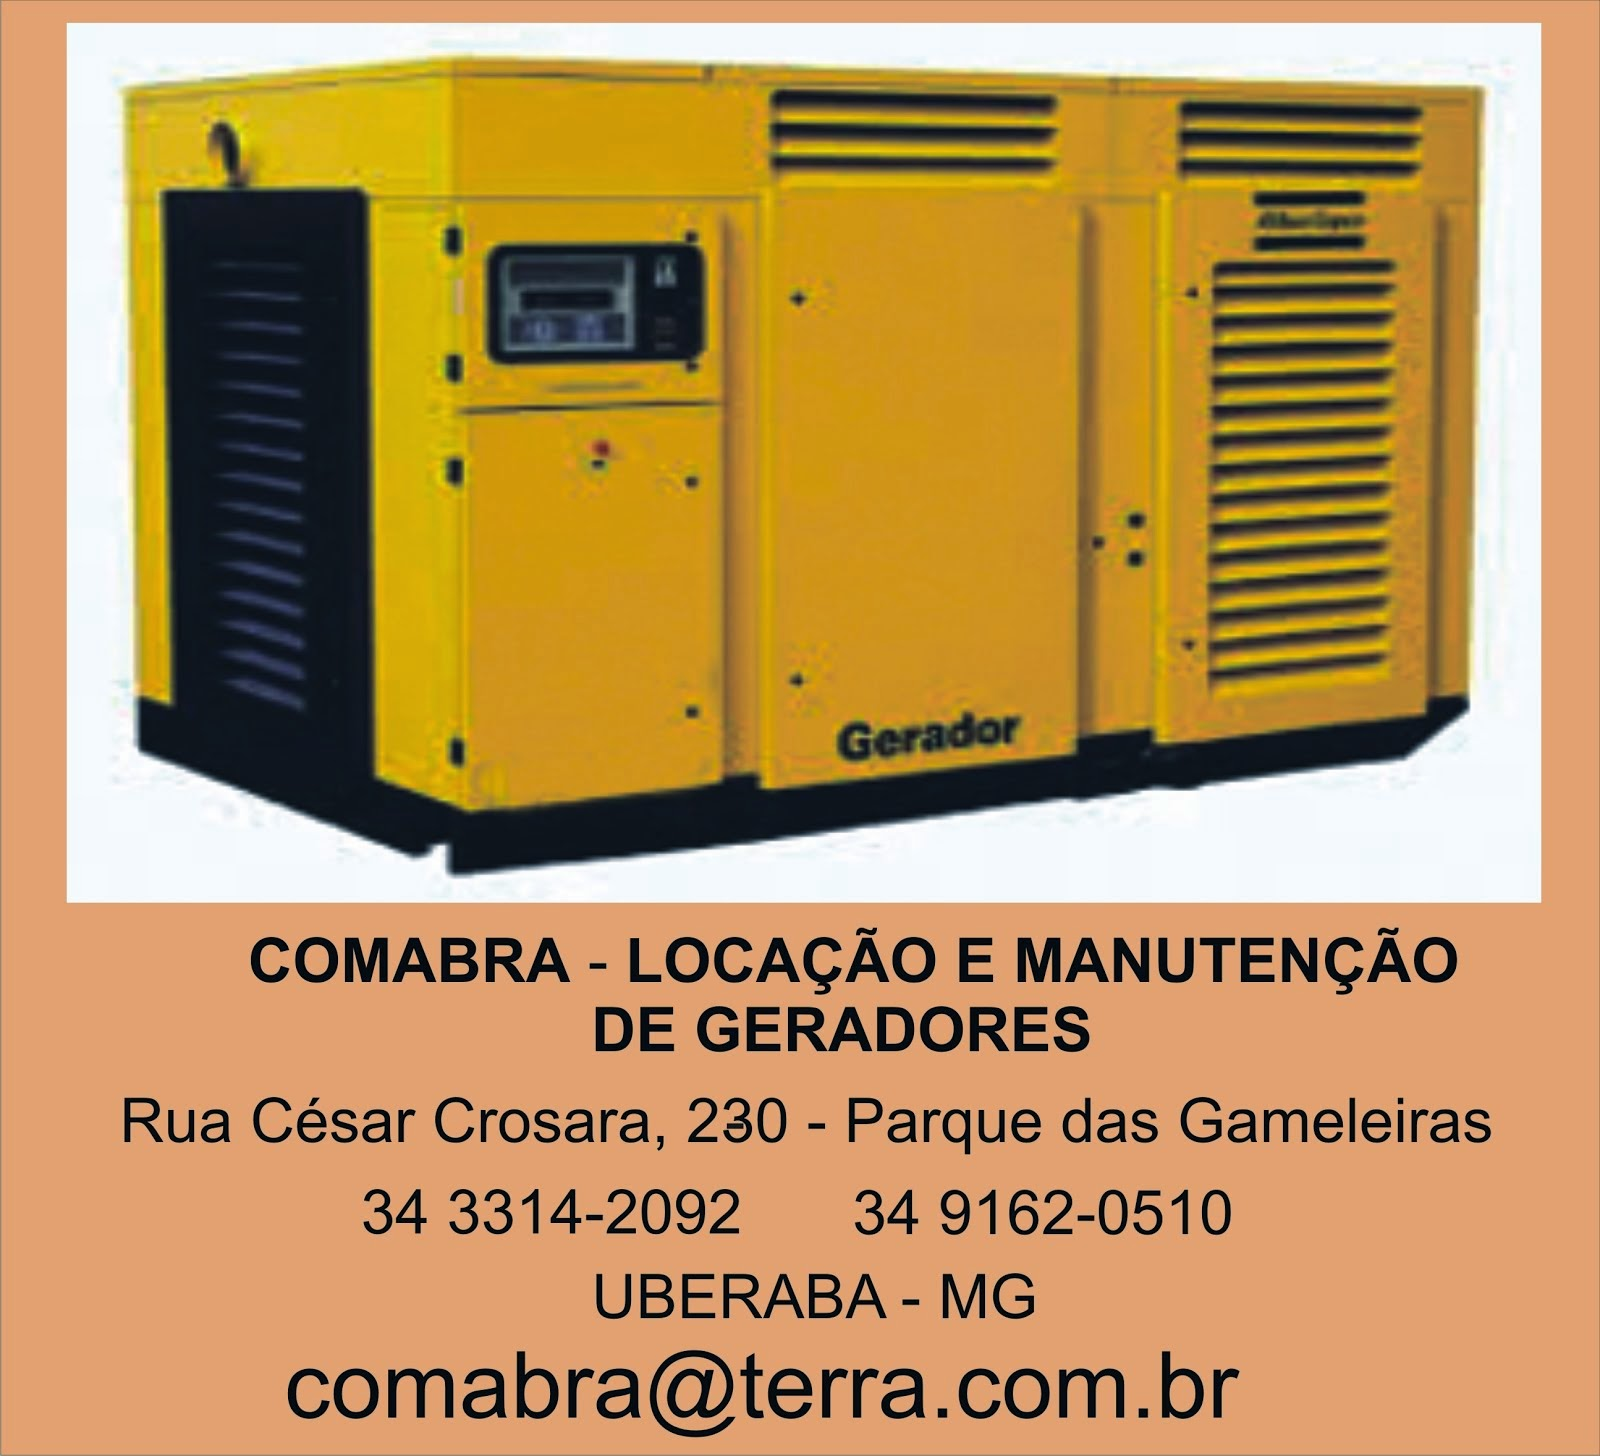 COMABRA